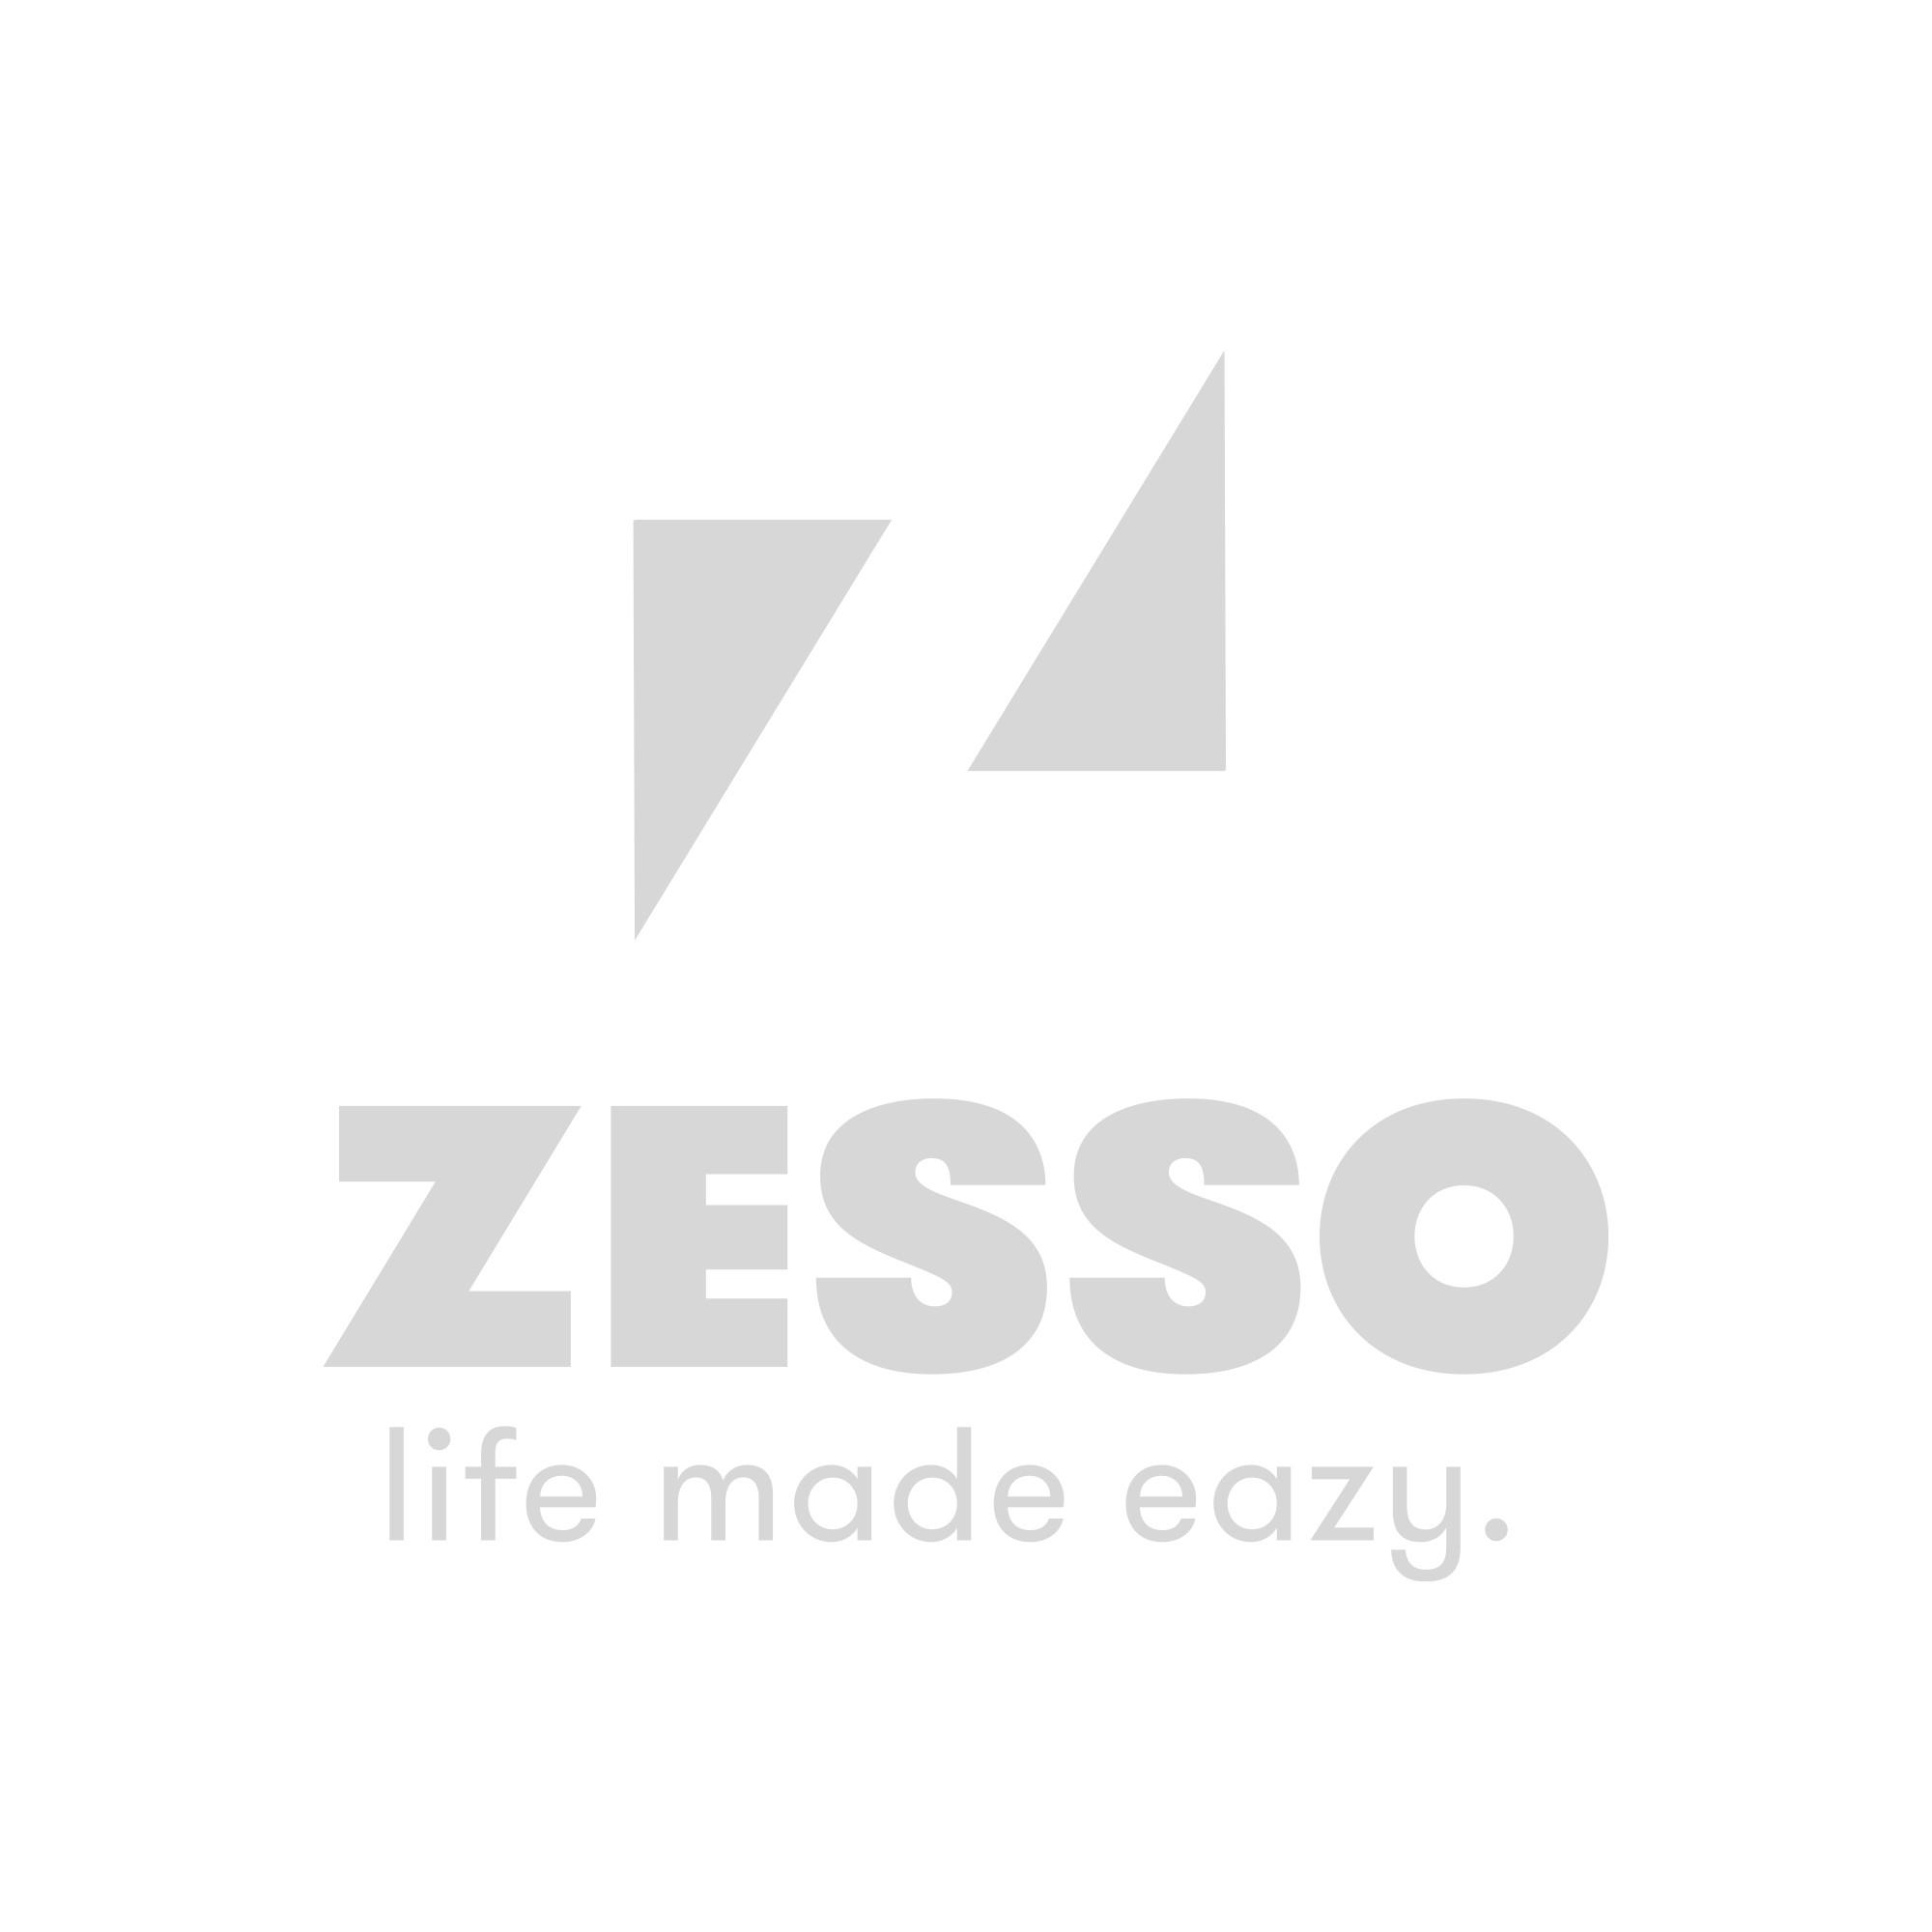 Razor Elektrische Scooter Vanaf 3 Jaar Lil' E Blue